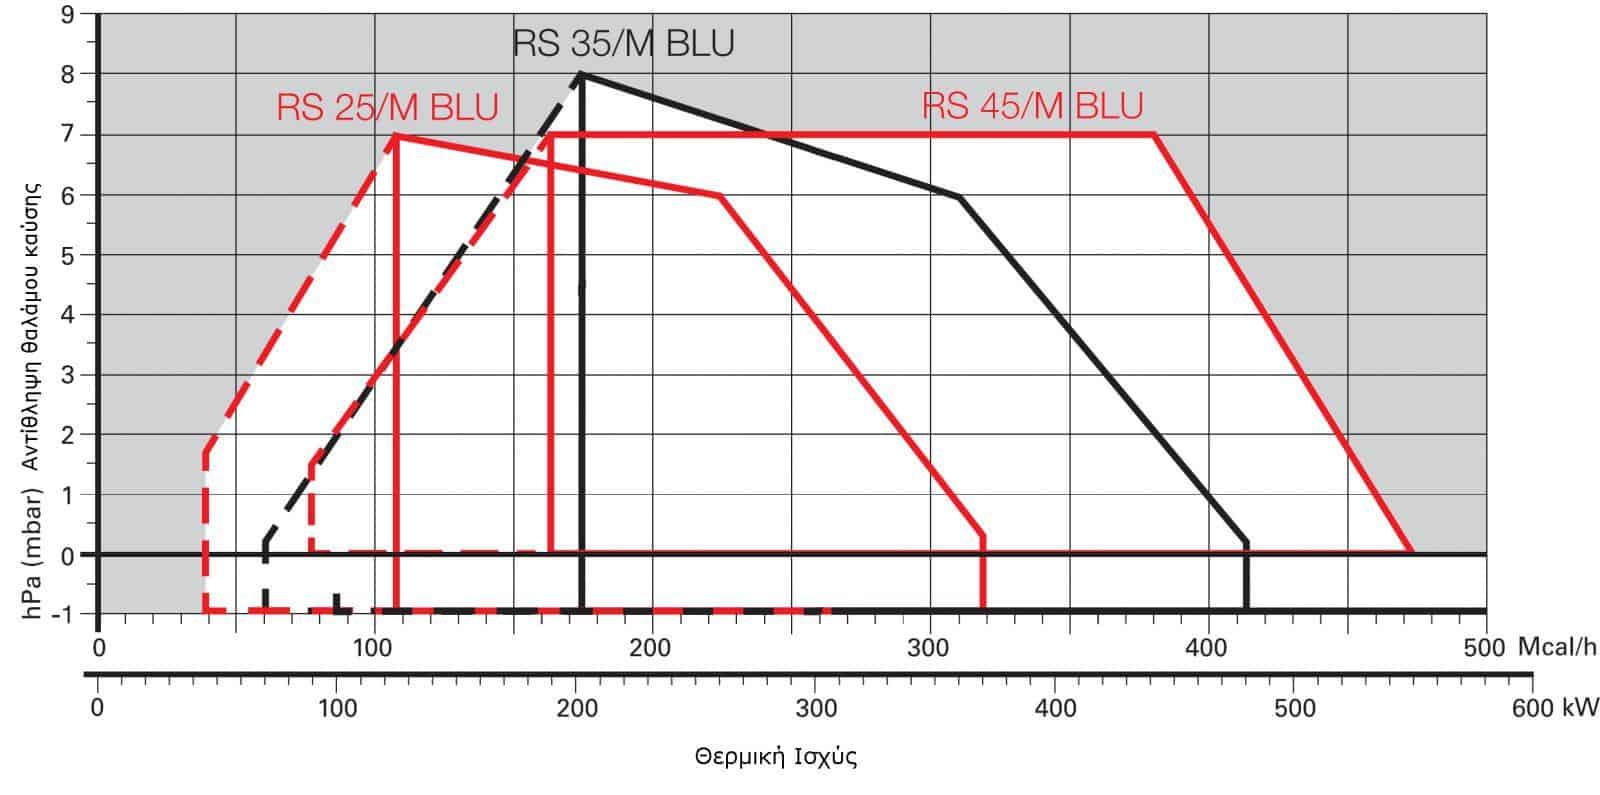 Σειρά RS/M BLU